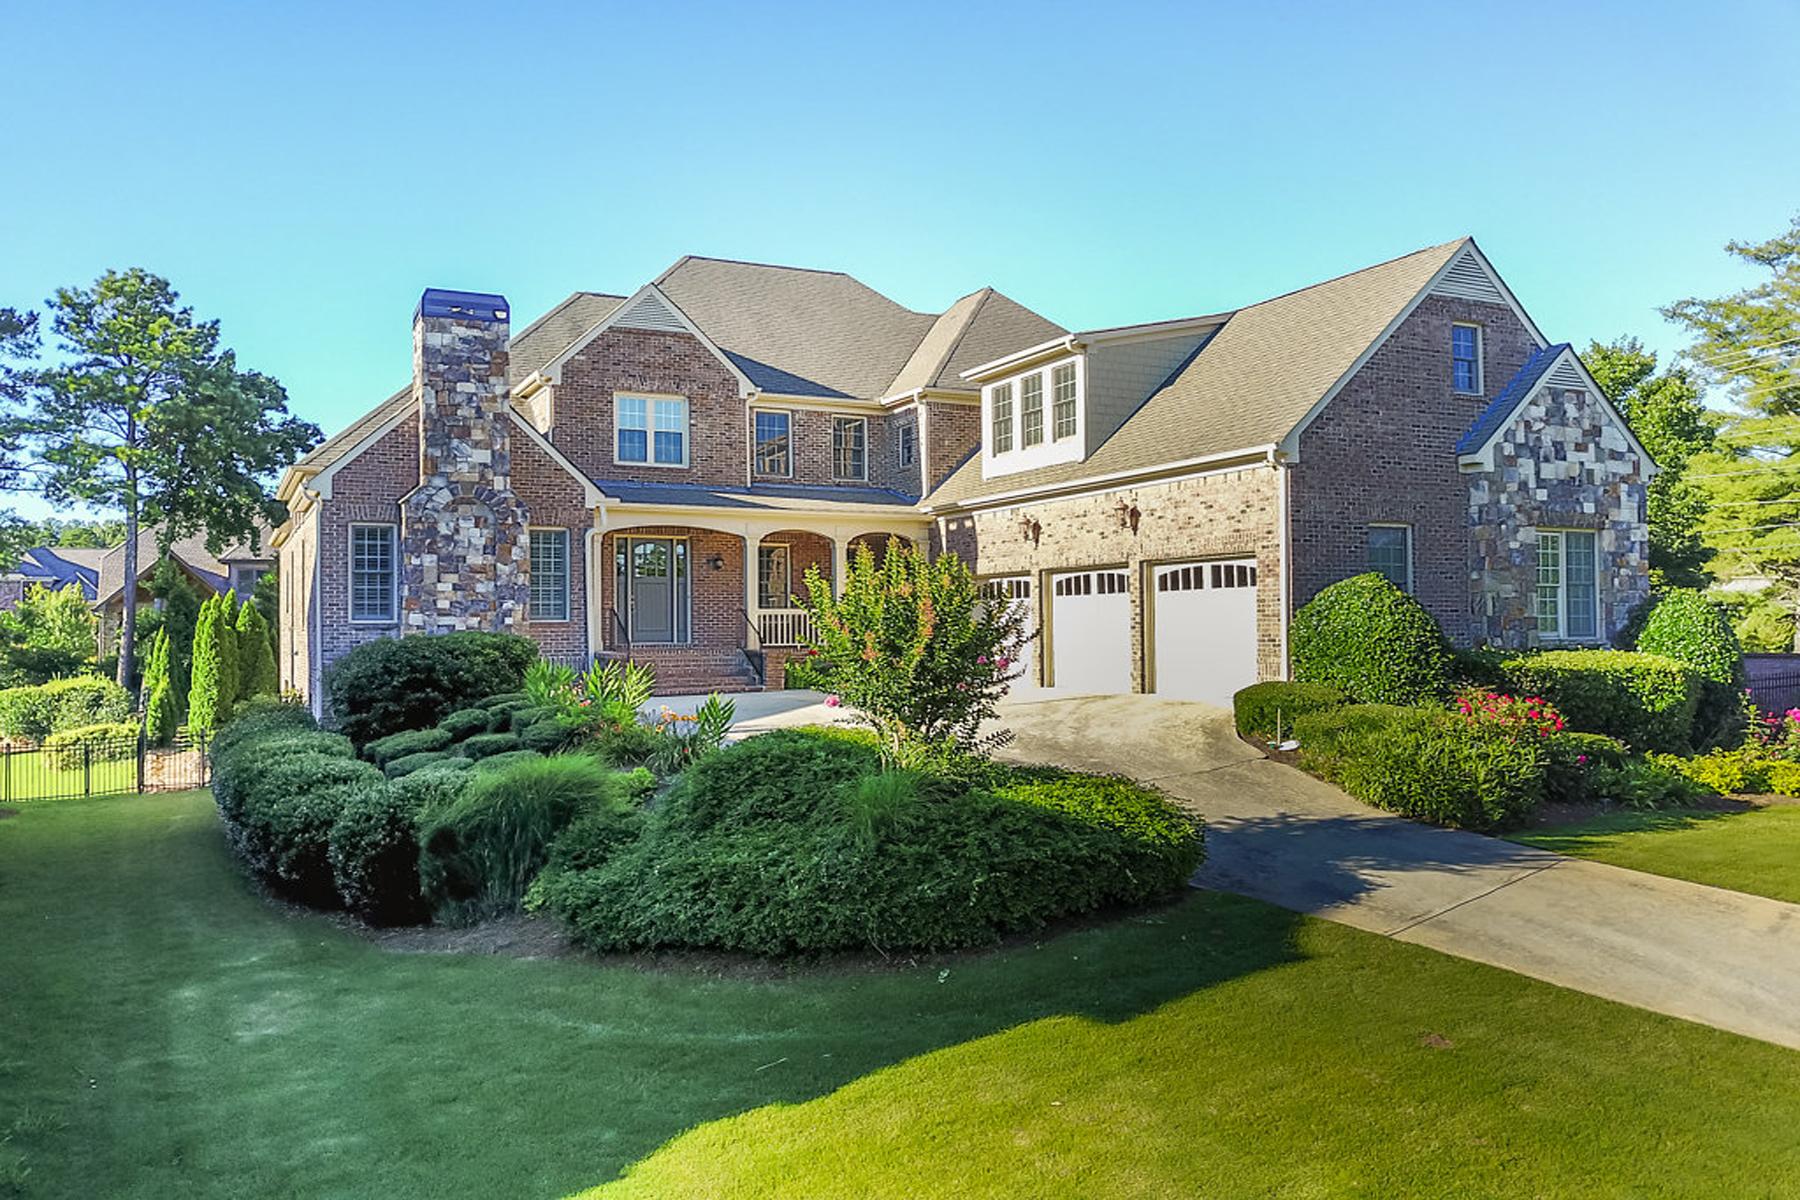 Casa Unifamiliar por un Venta en Luxury Living At Its Finest 3043 Tuscany Park Drive Marietta, Georgia, 30068 Estados Unidos